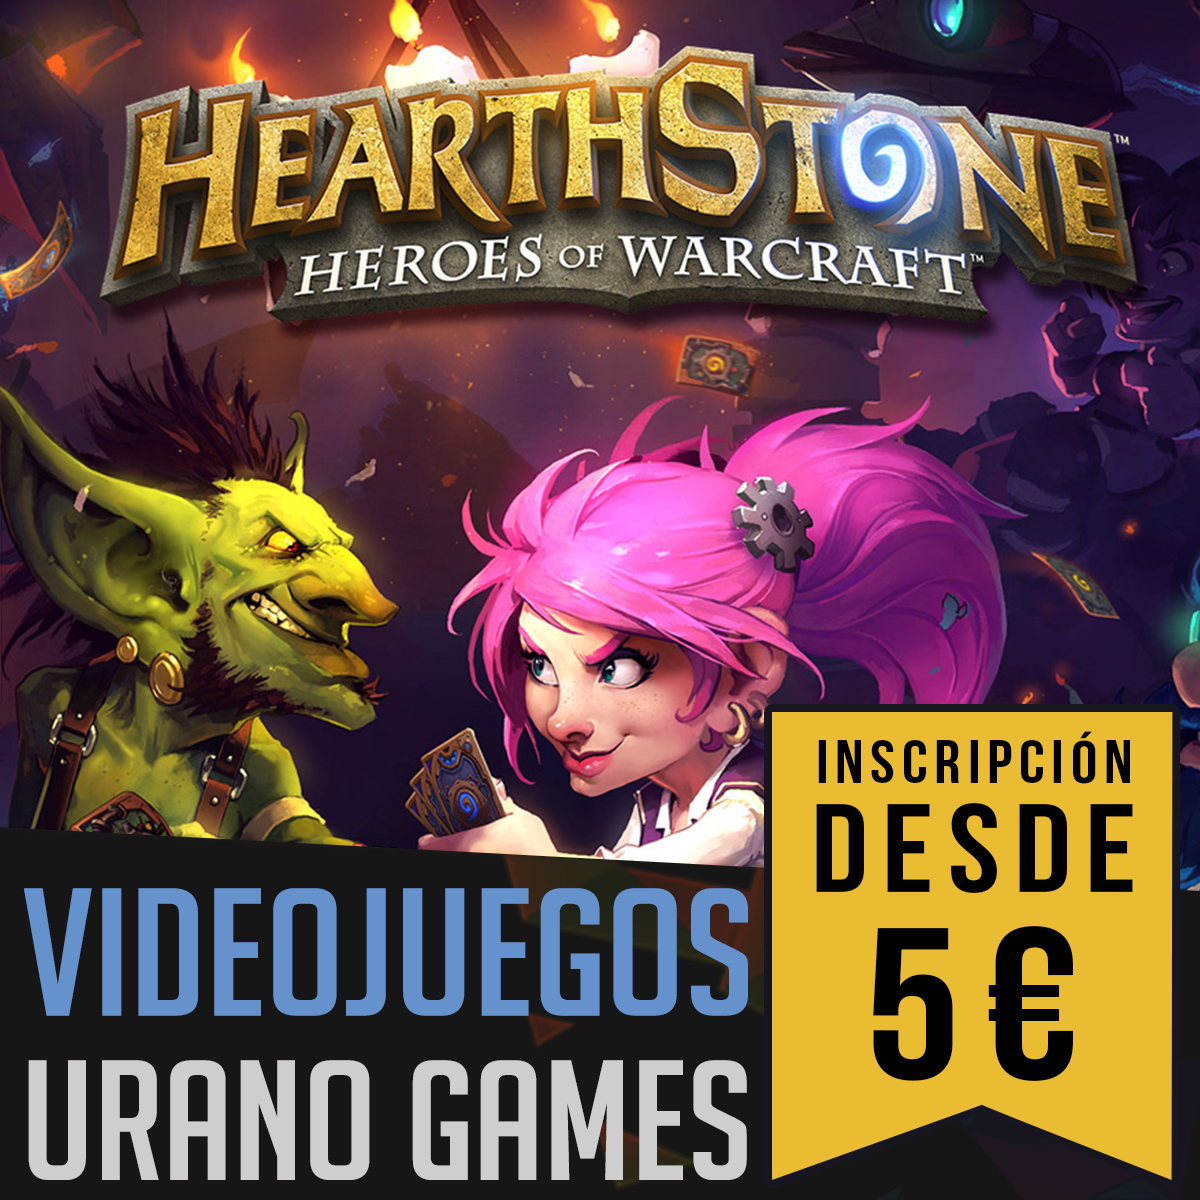 Lista Torneos de Videojuegos e Inscripciones | Urano Games